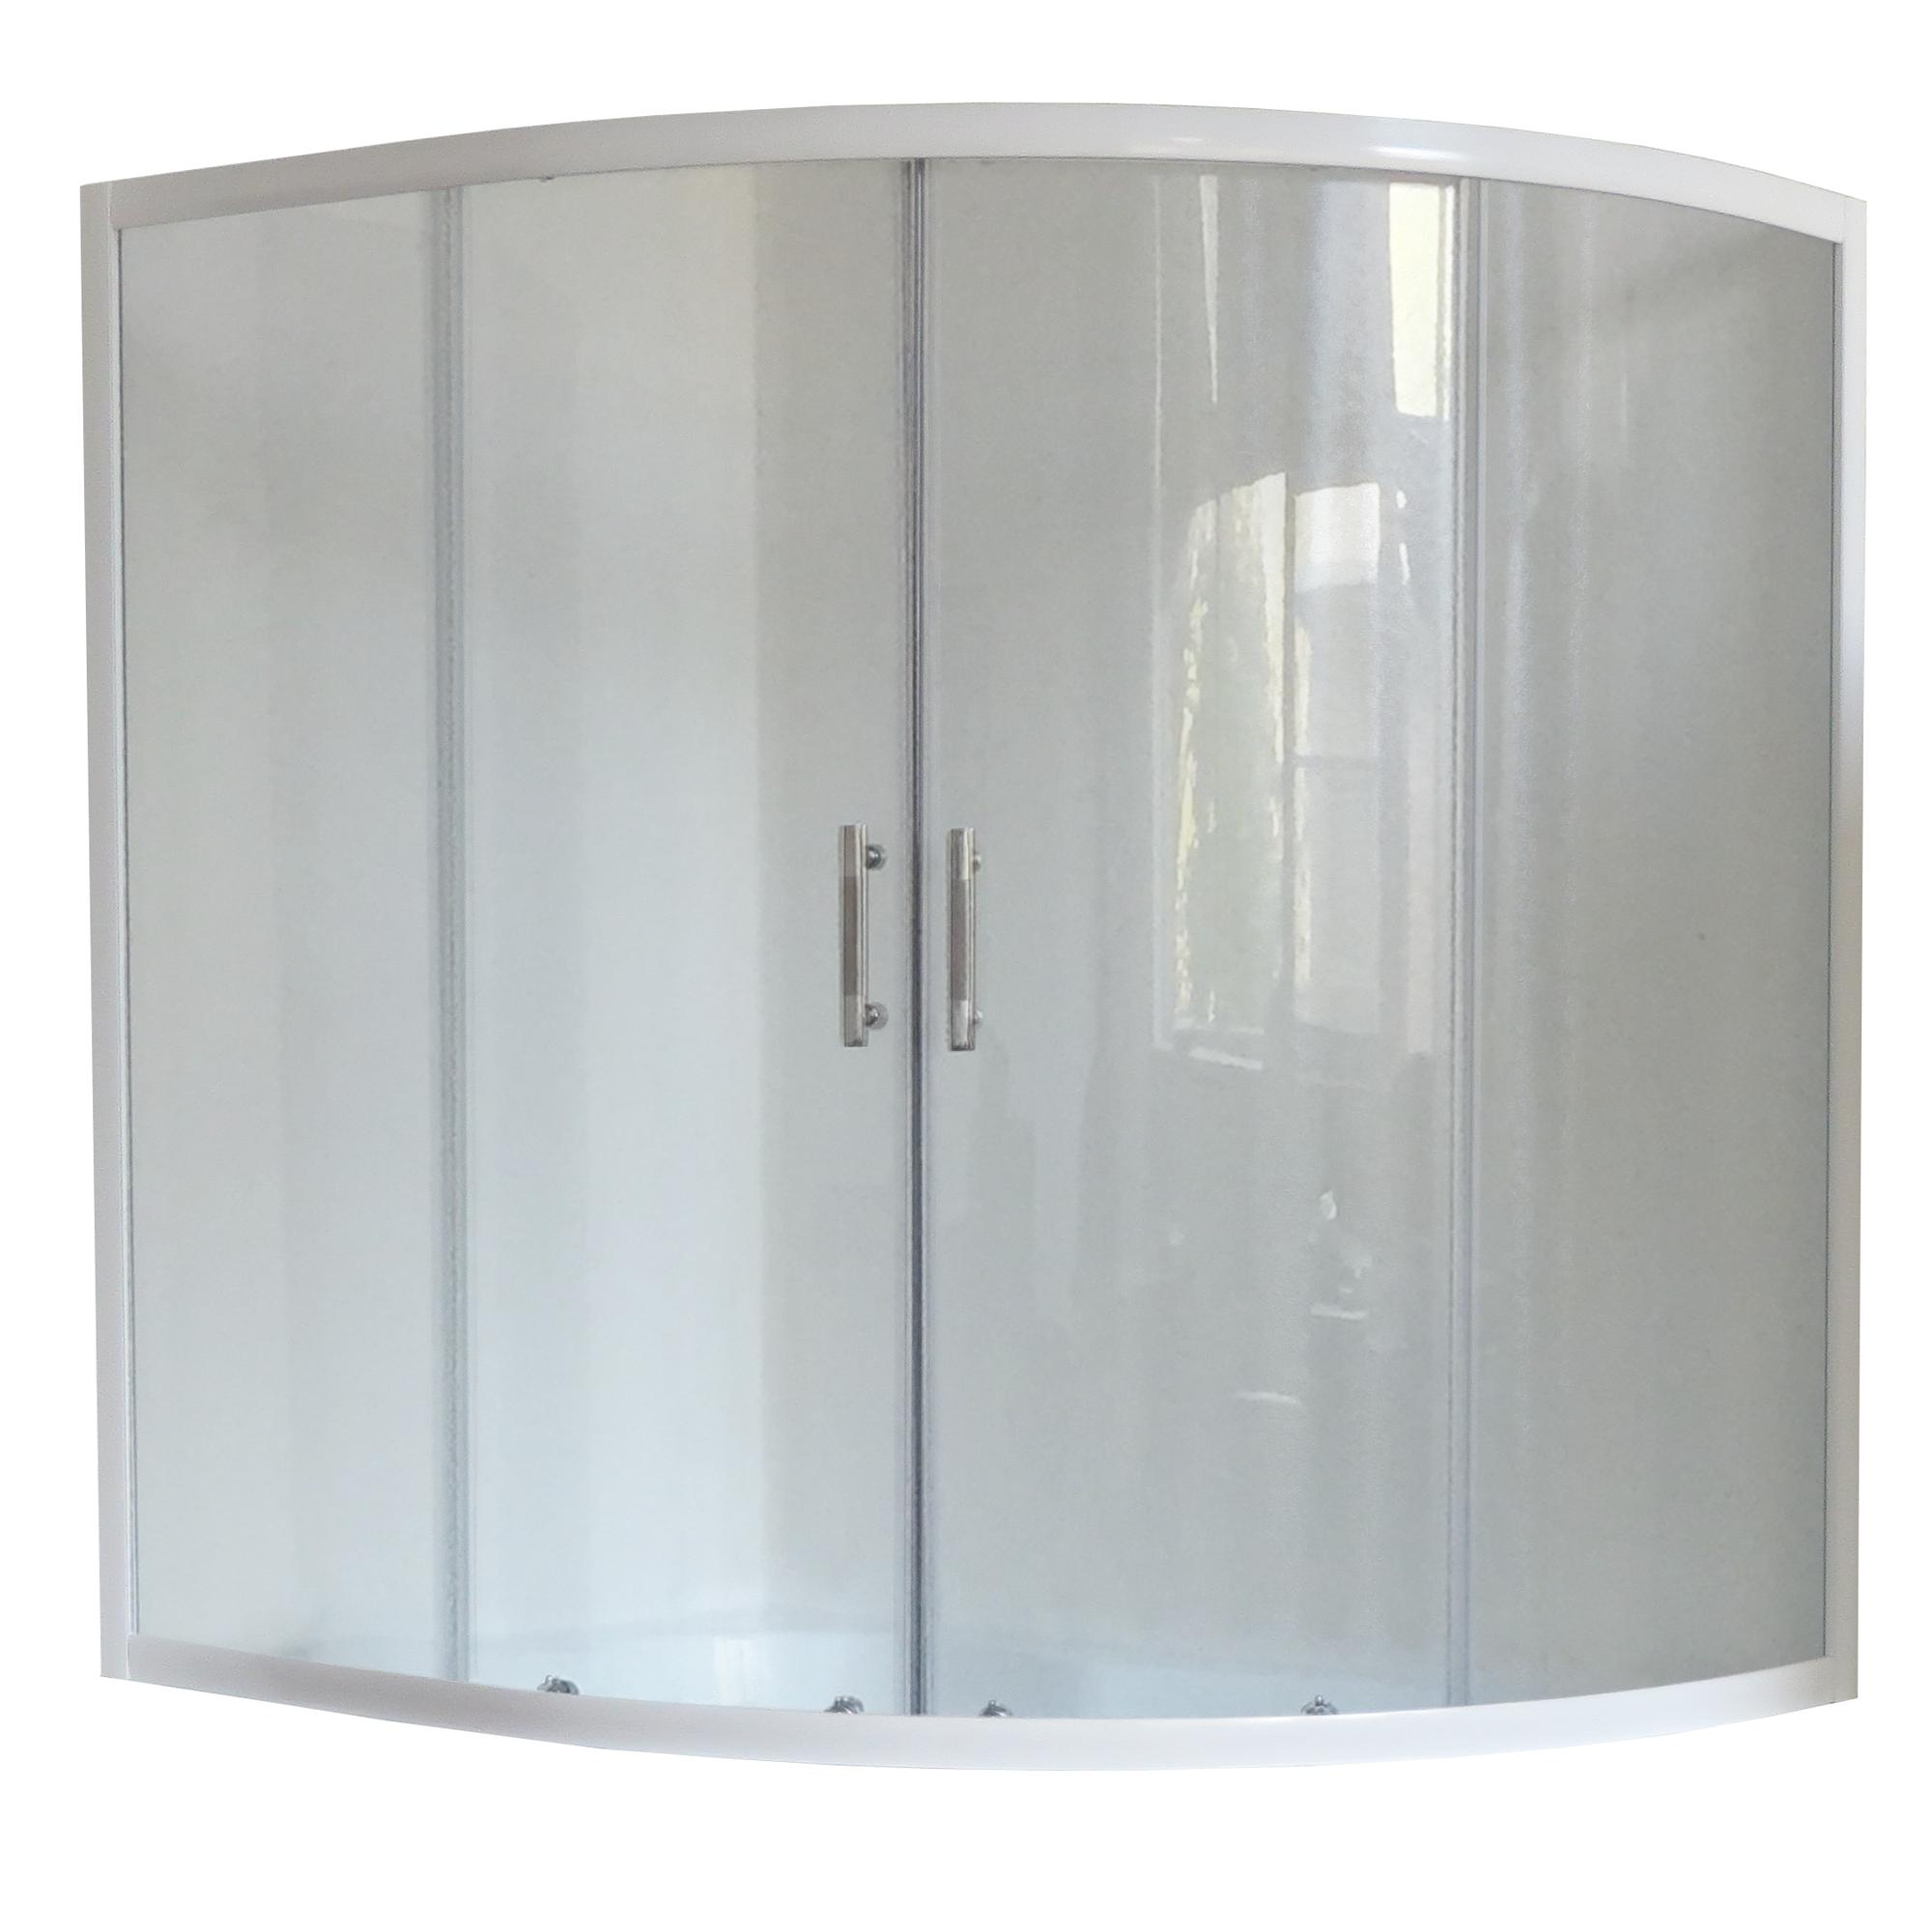 Шторка для ванны Royal bath 150ALP-T 150х100x150 прозрачная душевая шторка на ванну royal bath alpine стекло прозрачное rb160alp t